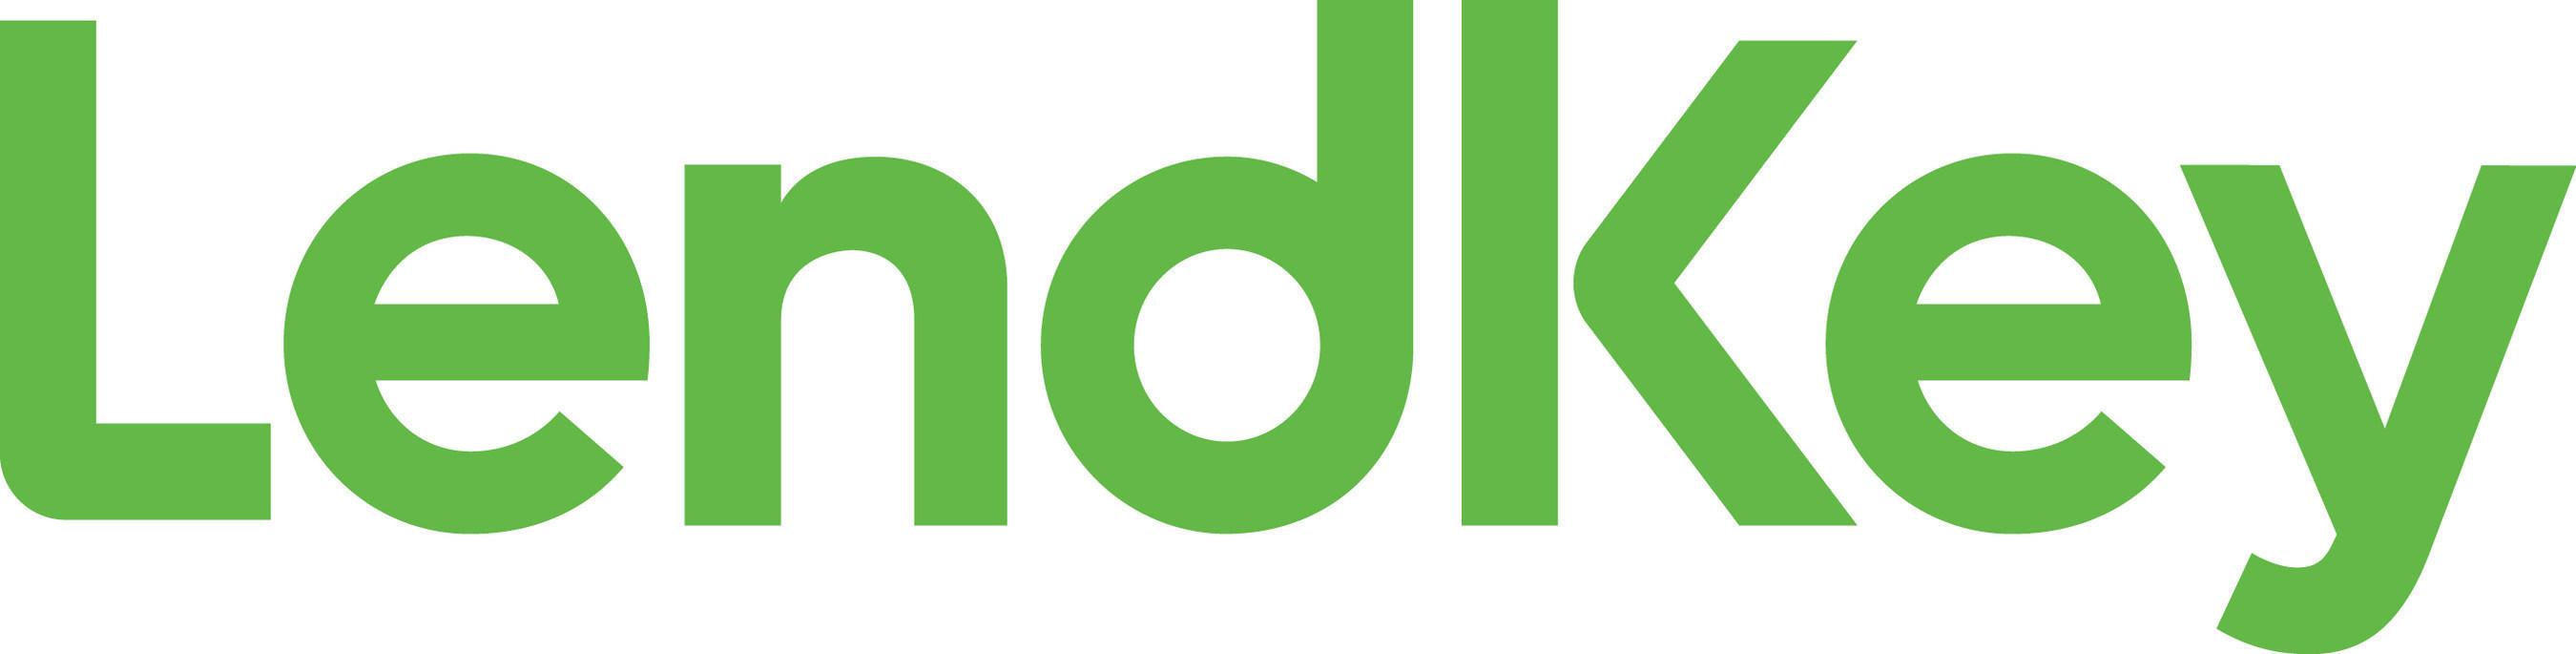 LendKey Logo